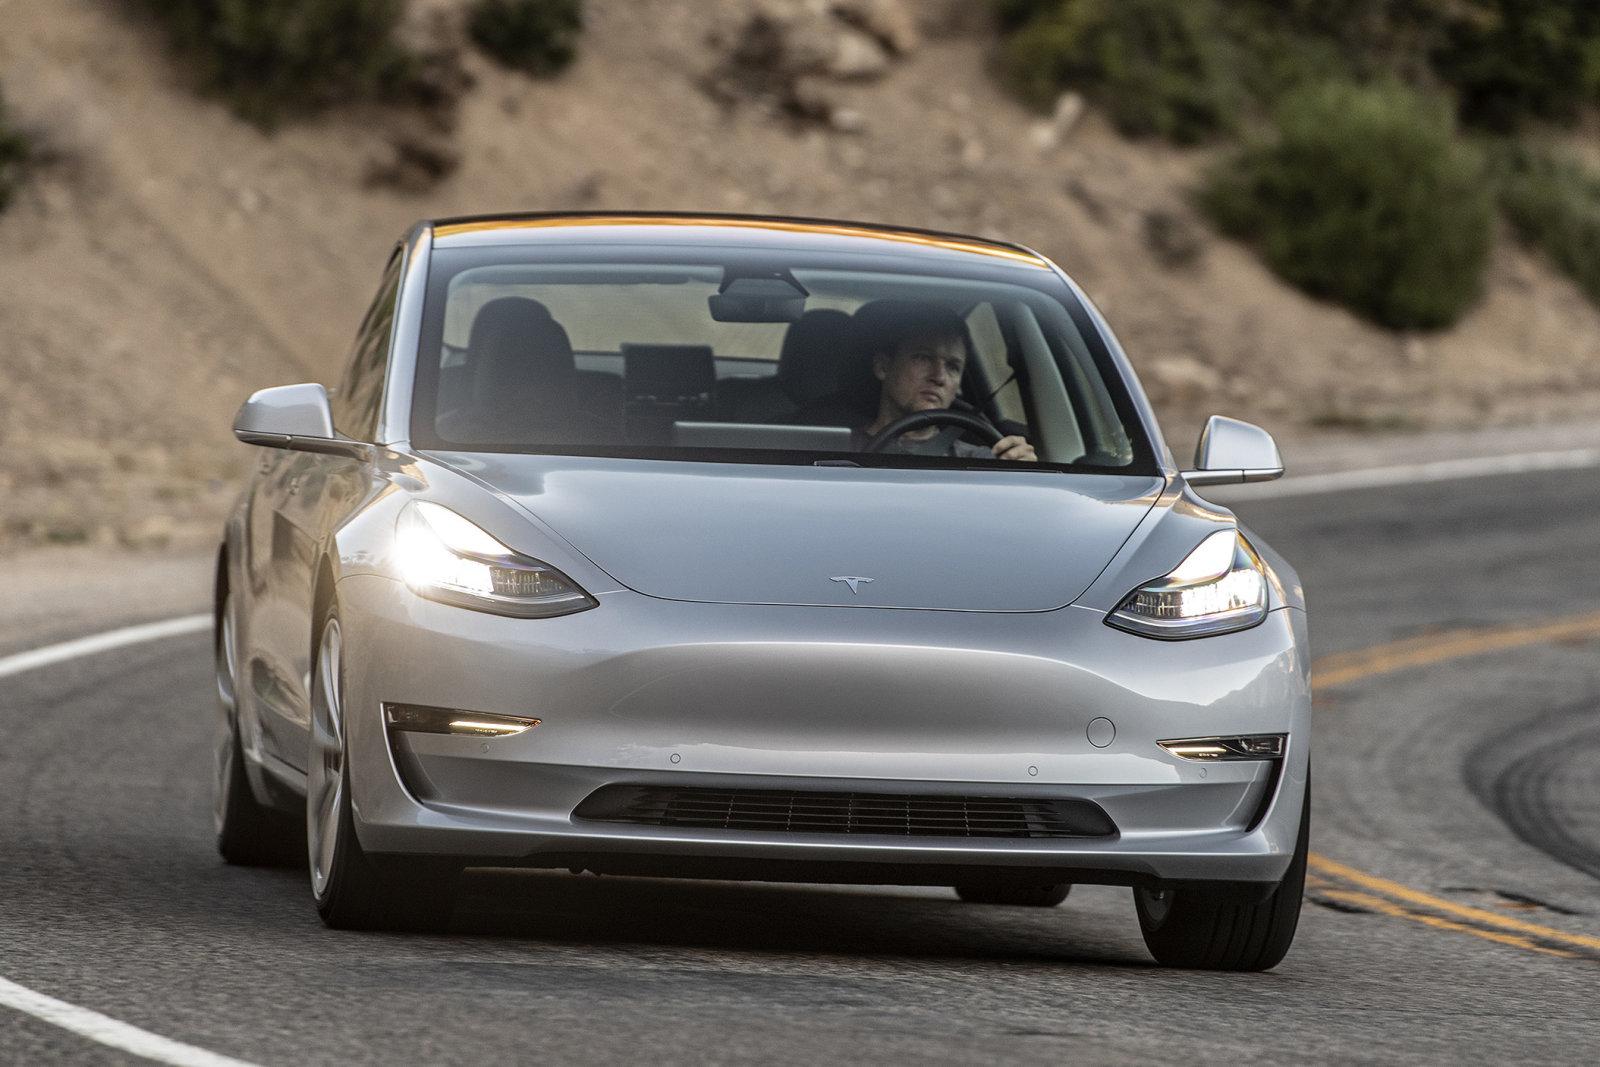 テスラ、Model 3に台数限定かつ先着順の「即納車」。予約待ちの人に招待メール